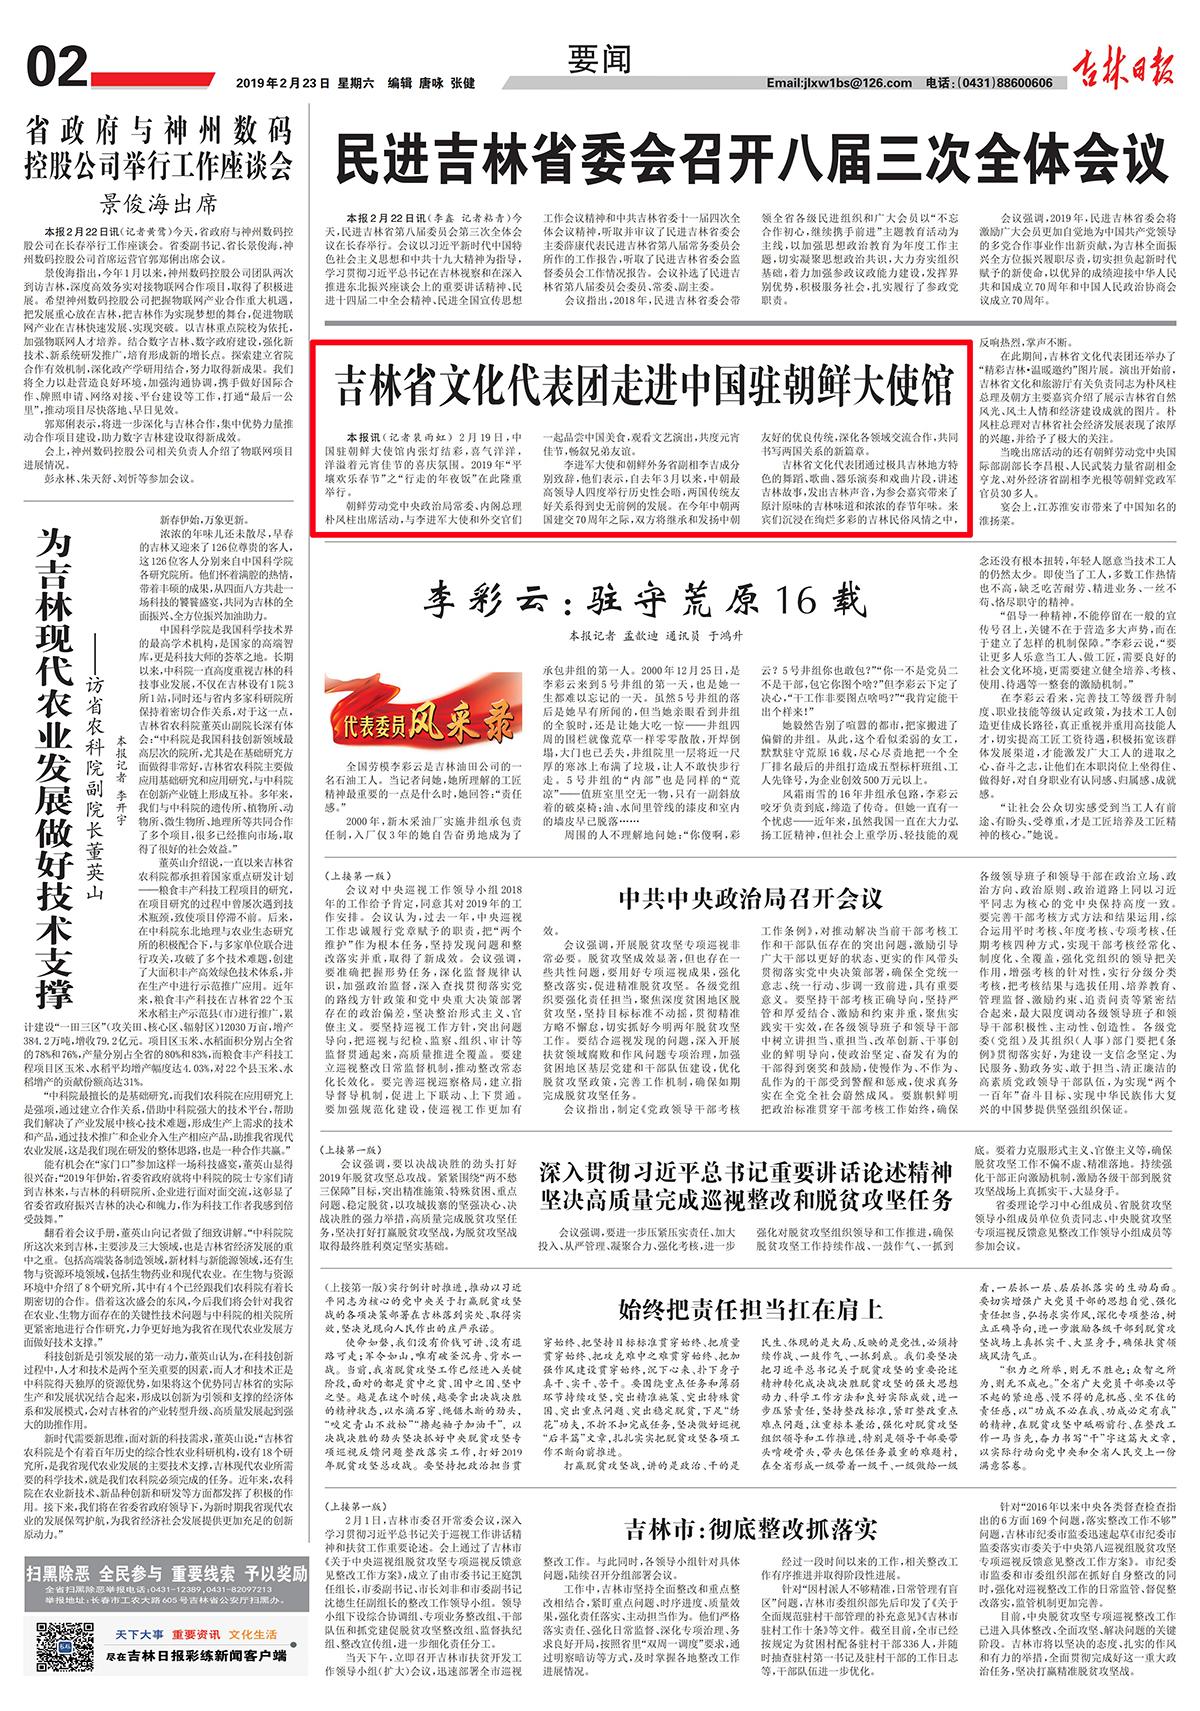 吉林省文化代表团走进中国驻朝鲜大使馆(2019年2月23日吉林日报报道)_00